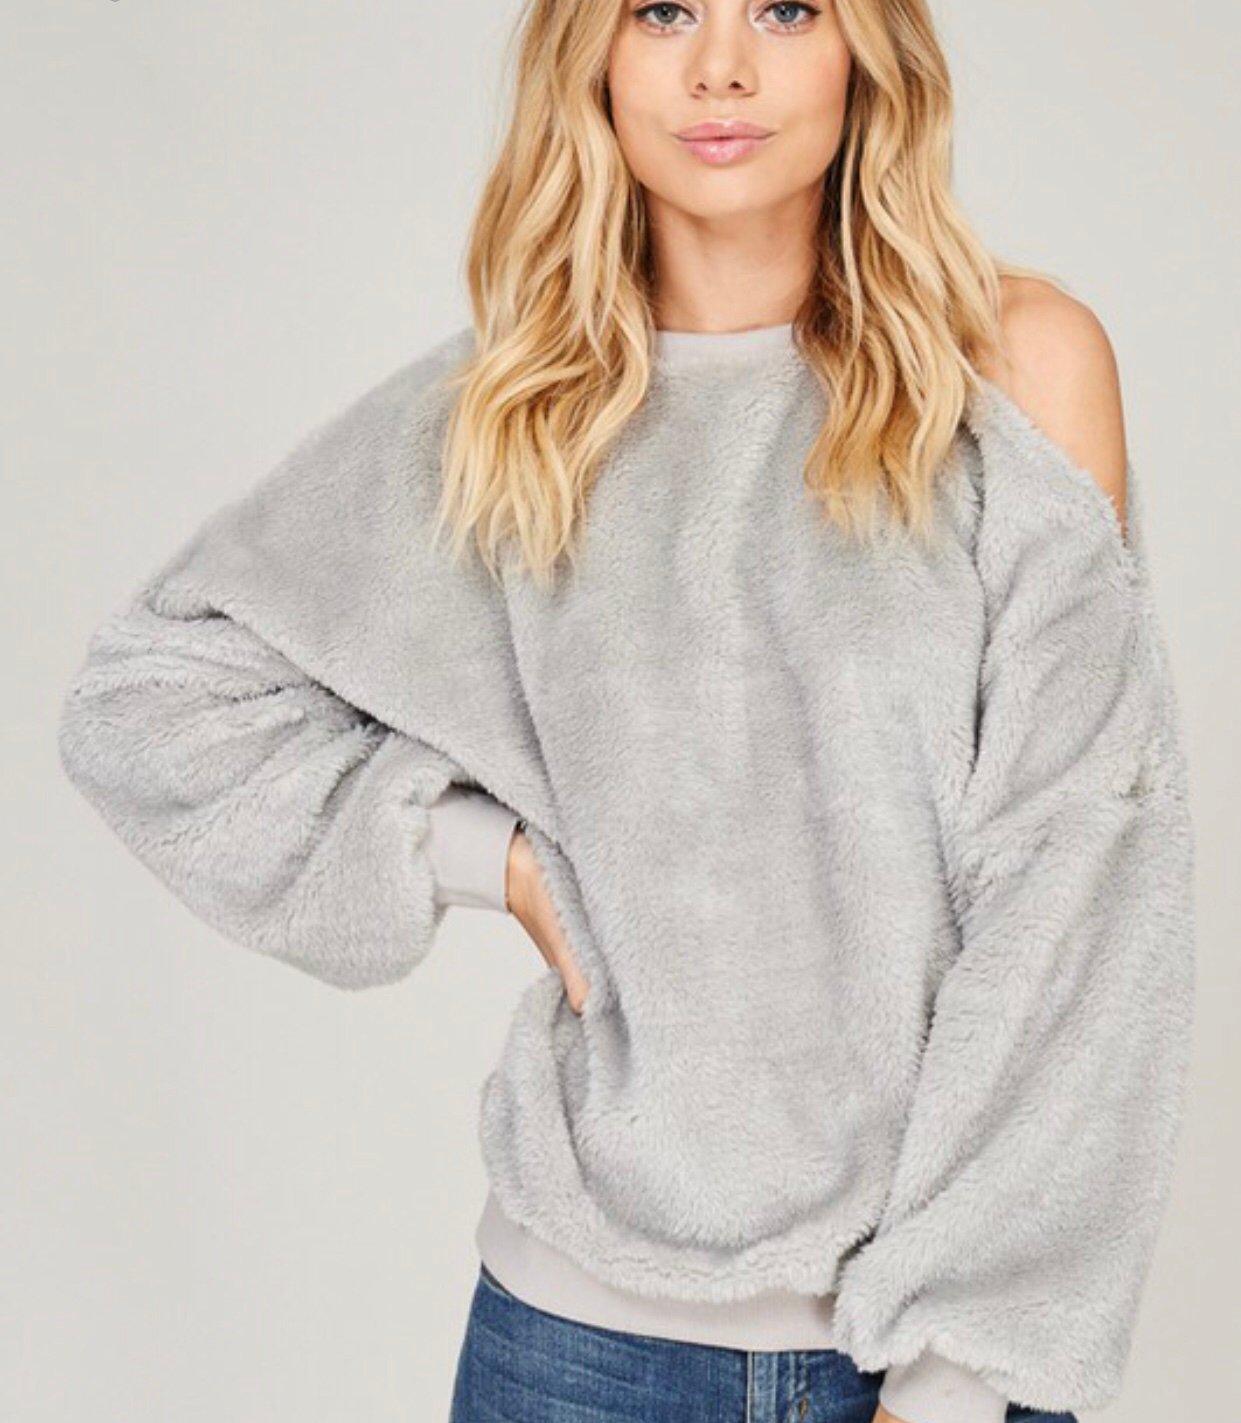 Image of Furry Sweatshirt (Grey)